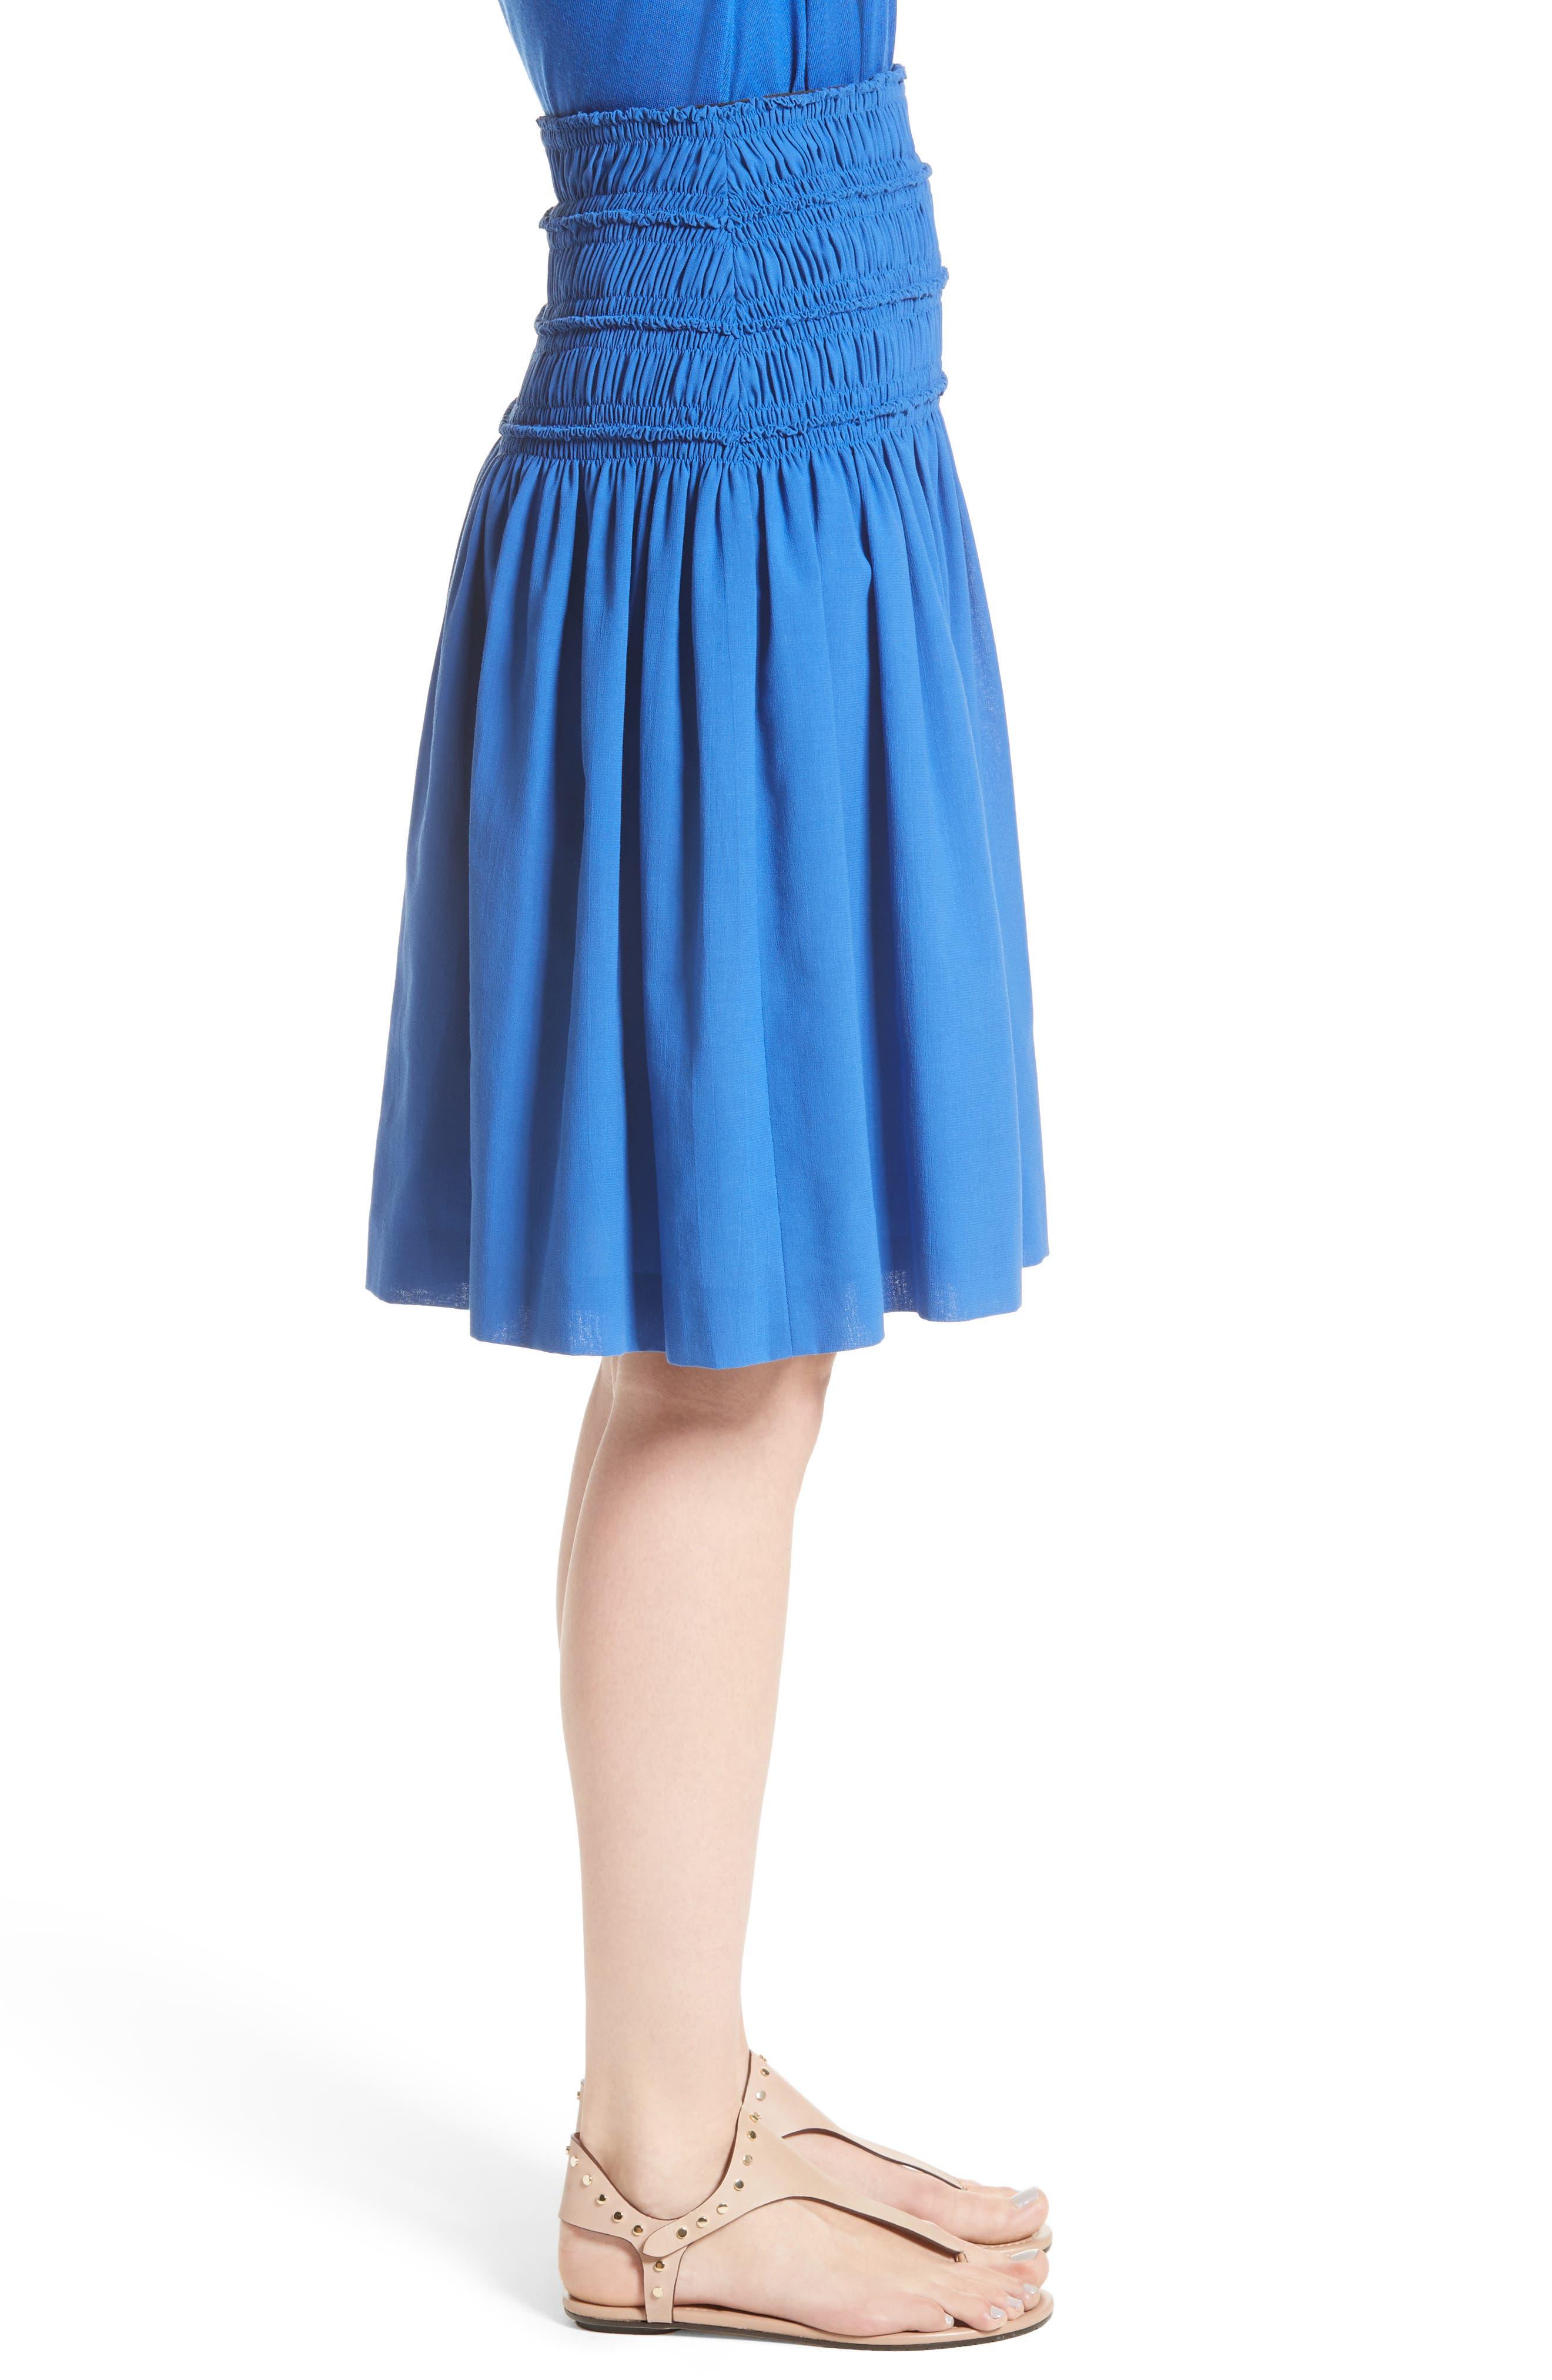 Akris Smocked Ruffle Skirt,                             Alternate thumbnail 3, color,                             400